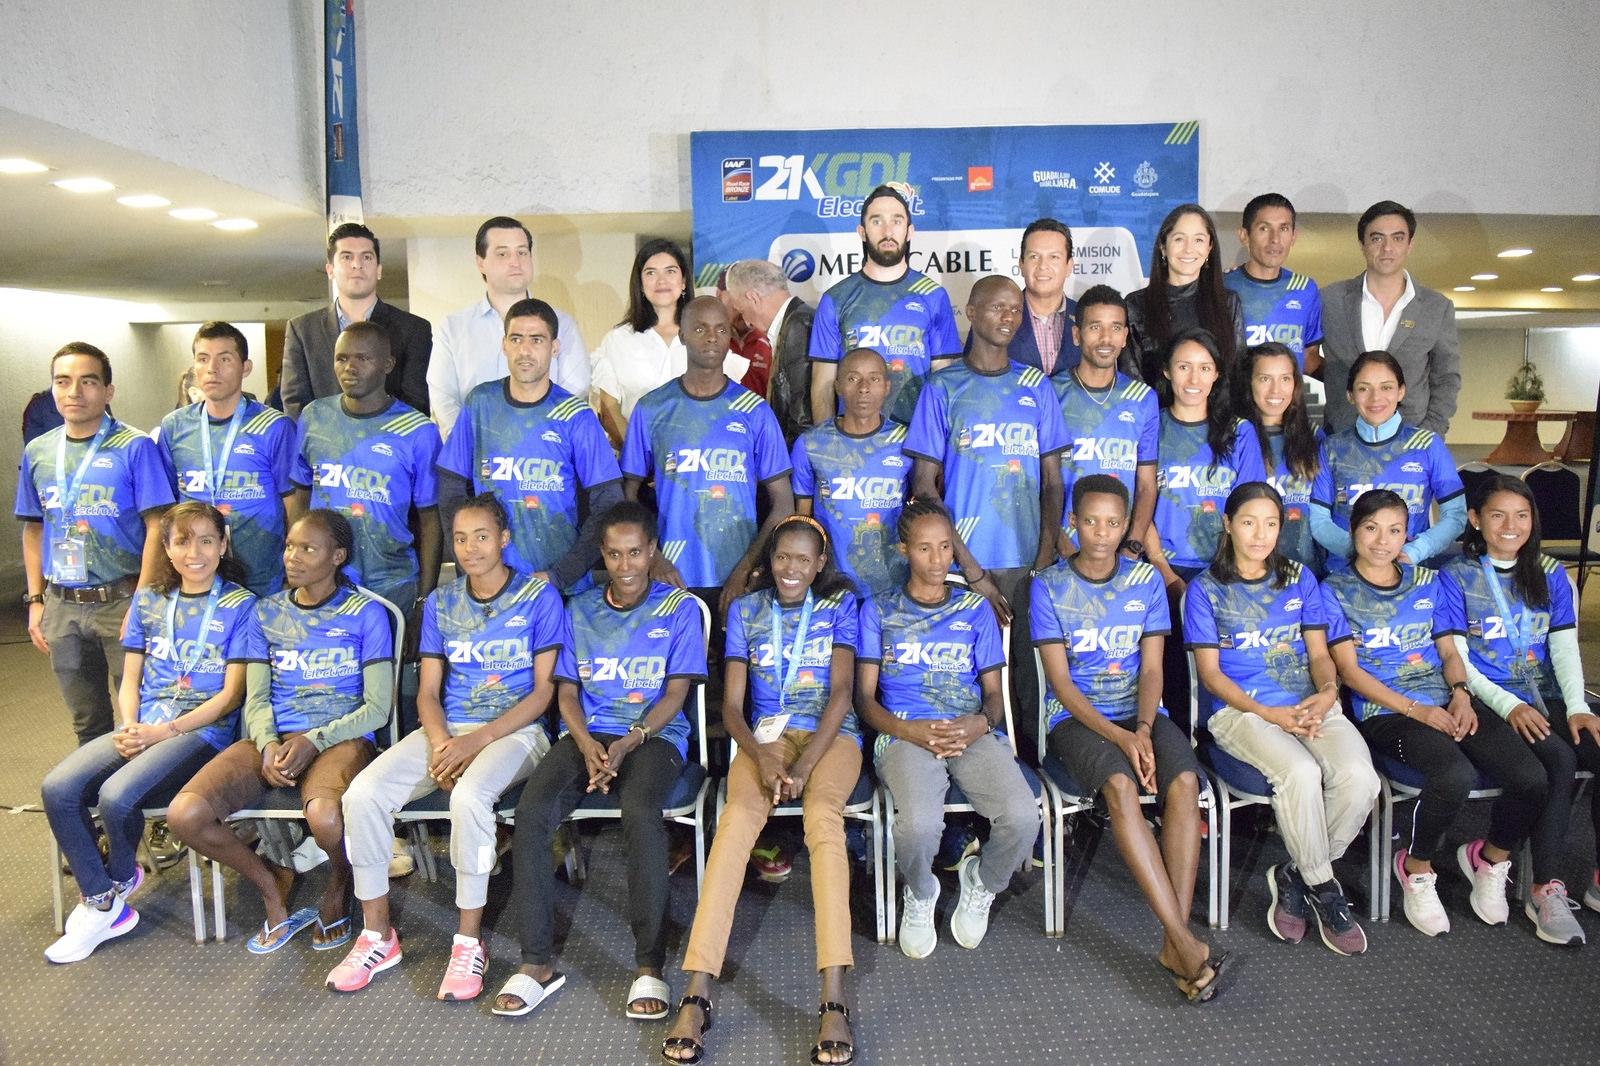 La foto del recuerdo  entre los corredores élite y el comité organizador no pudo faltar.